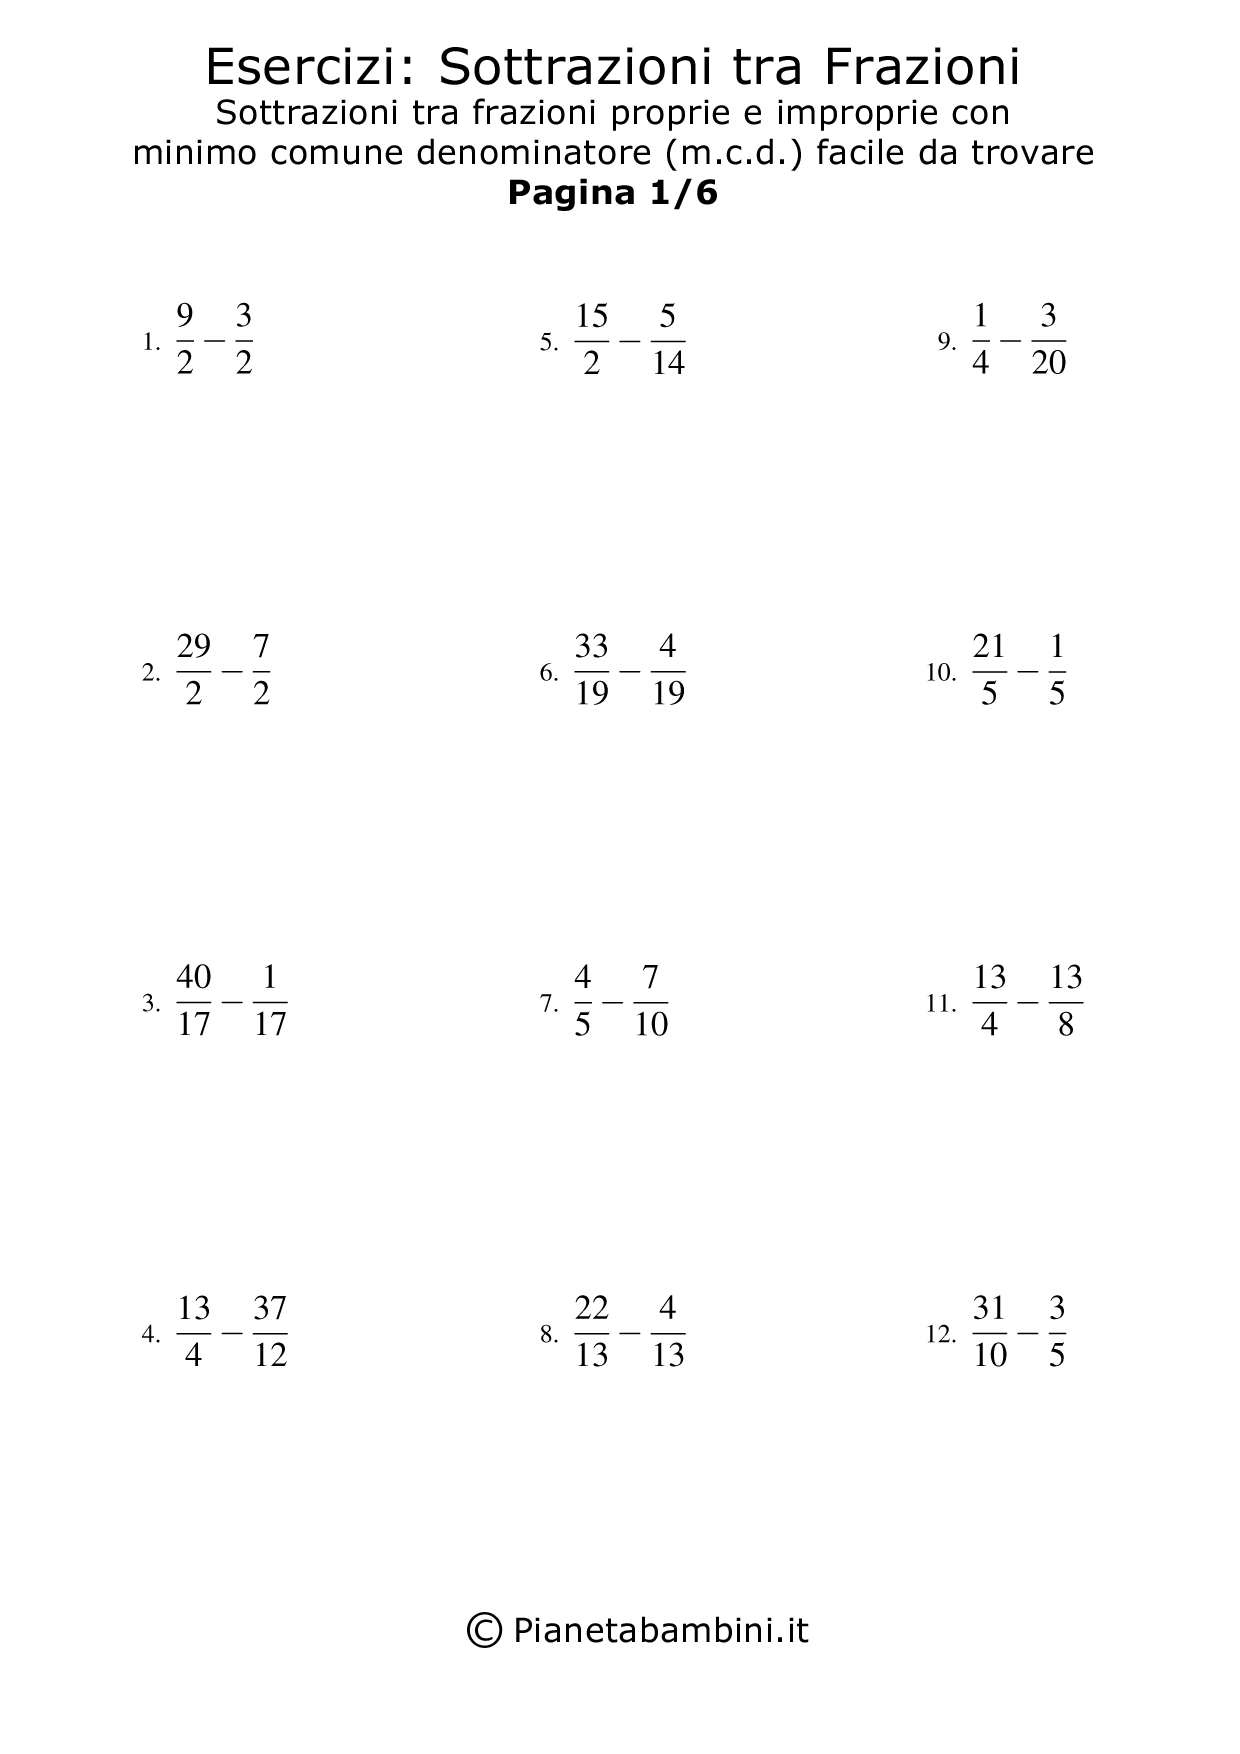 Sottrazioni-Frazioni-m.c.d.-Facile_1